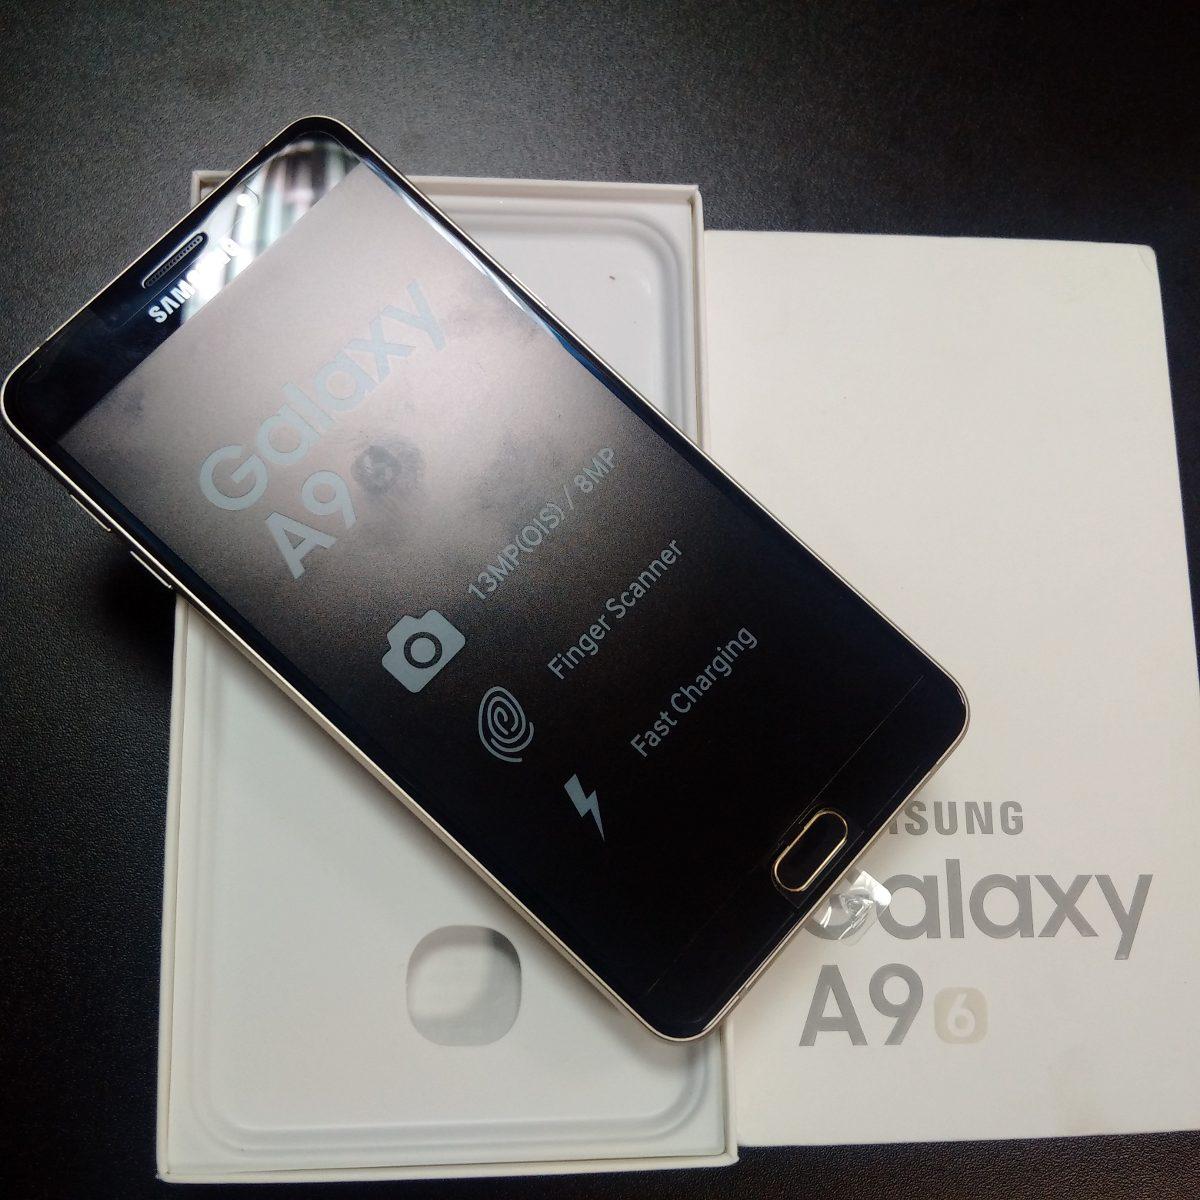 comprar iphone 5c 32gb libre